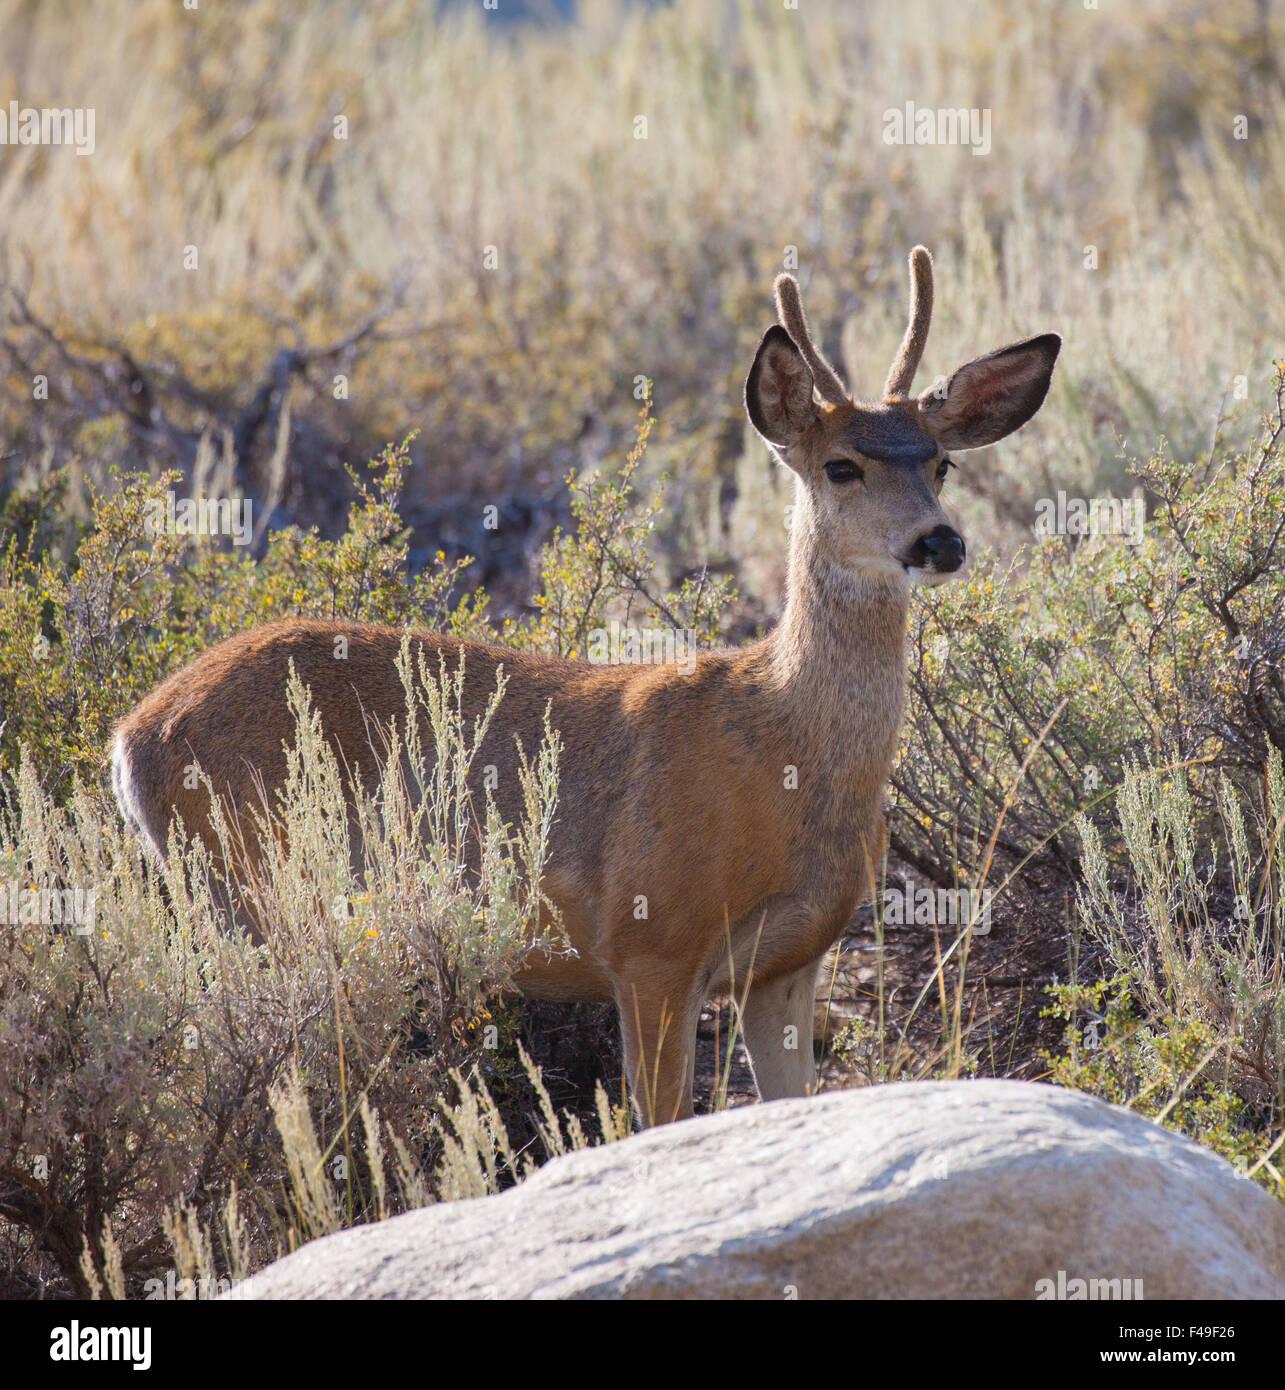 Young Buck Mule Deer (Odocoileus hemionus) in the high desert - Stock Image